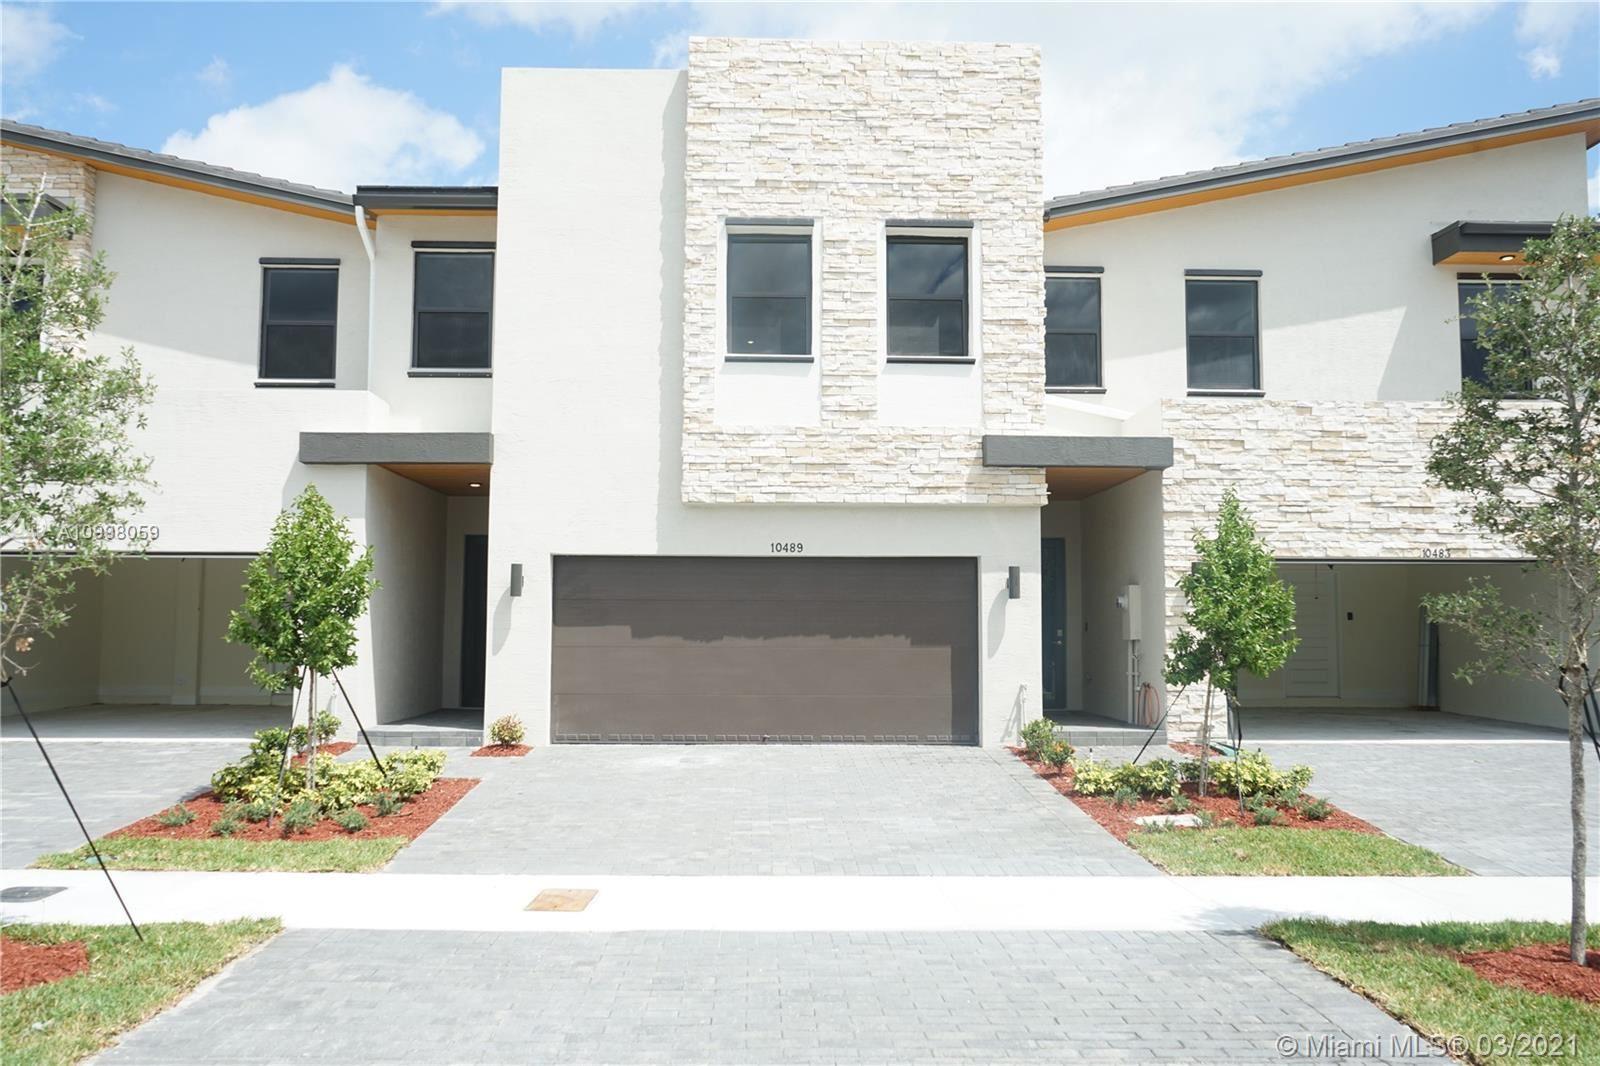 10489 NW 79th Ter, Miami, FL 33178 - #: A10998059